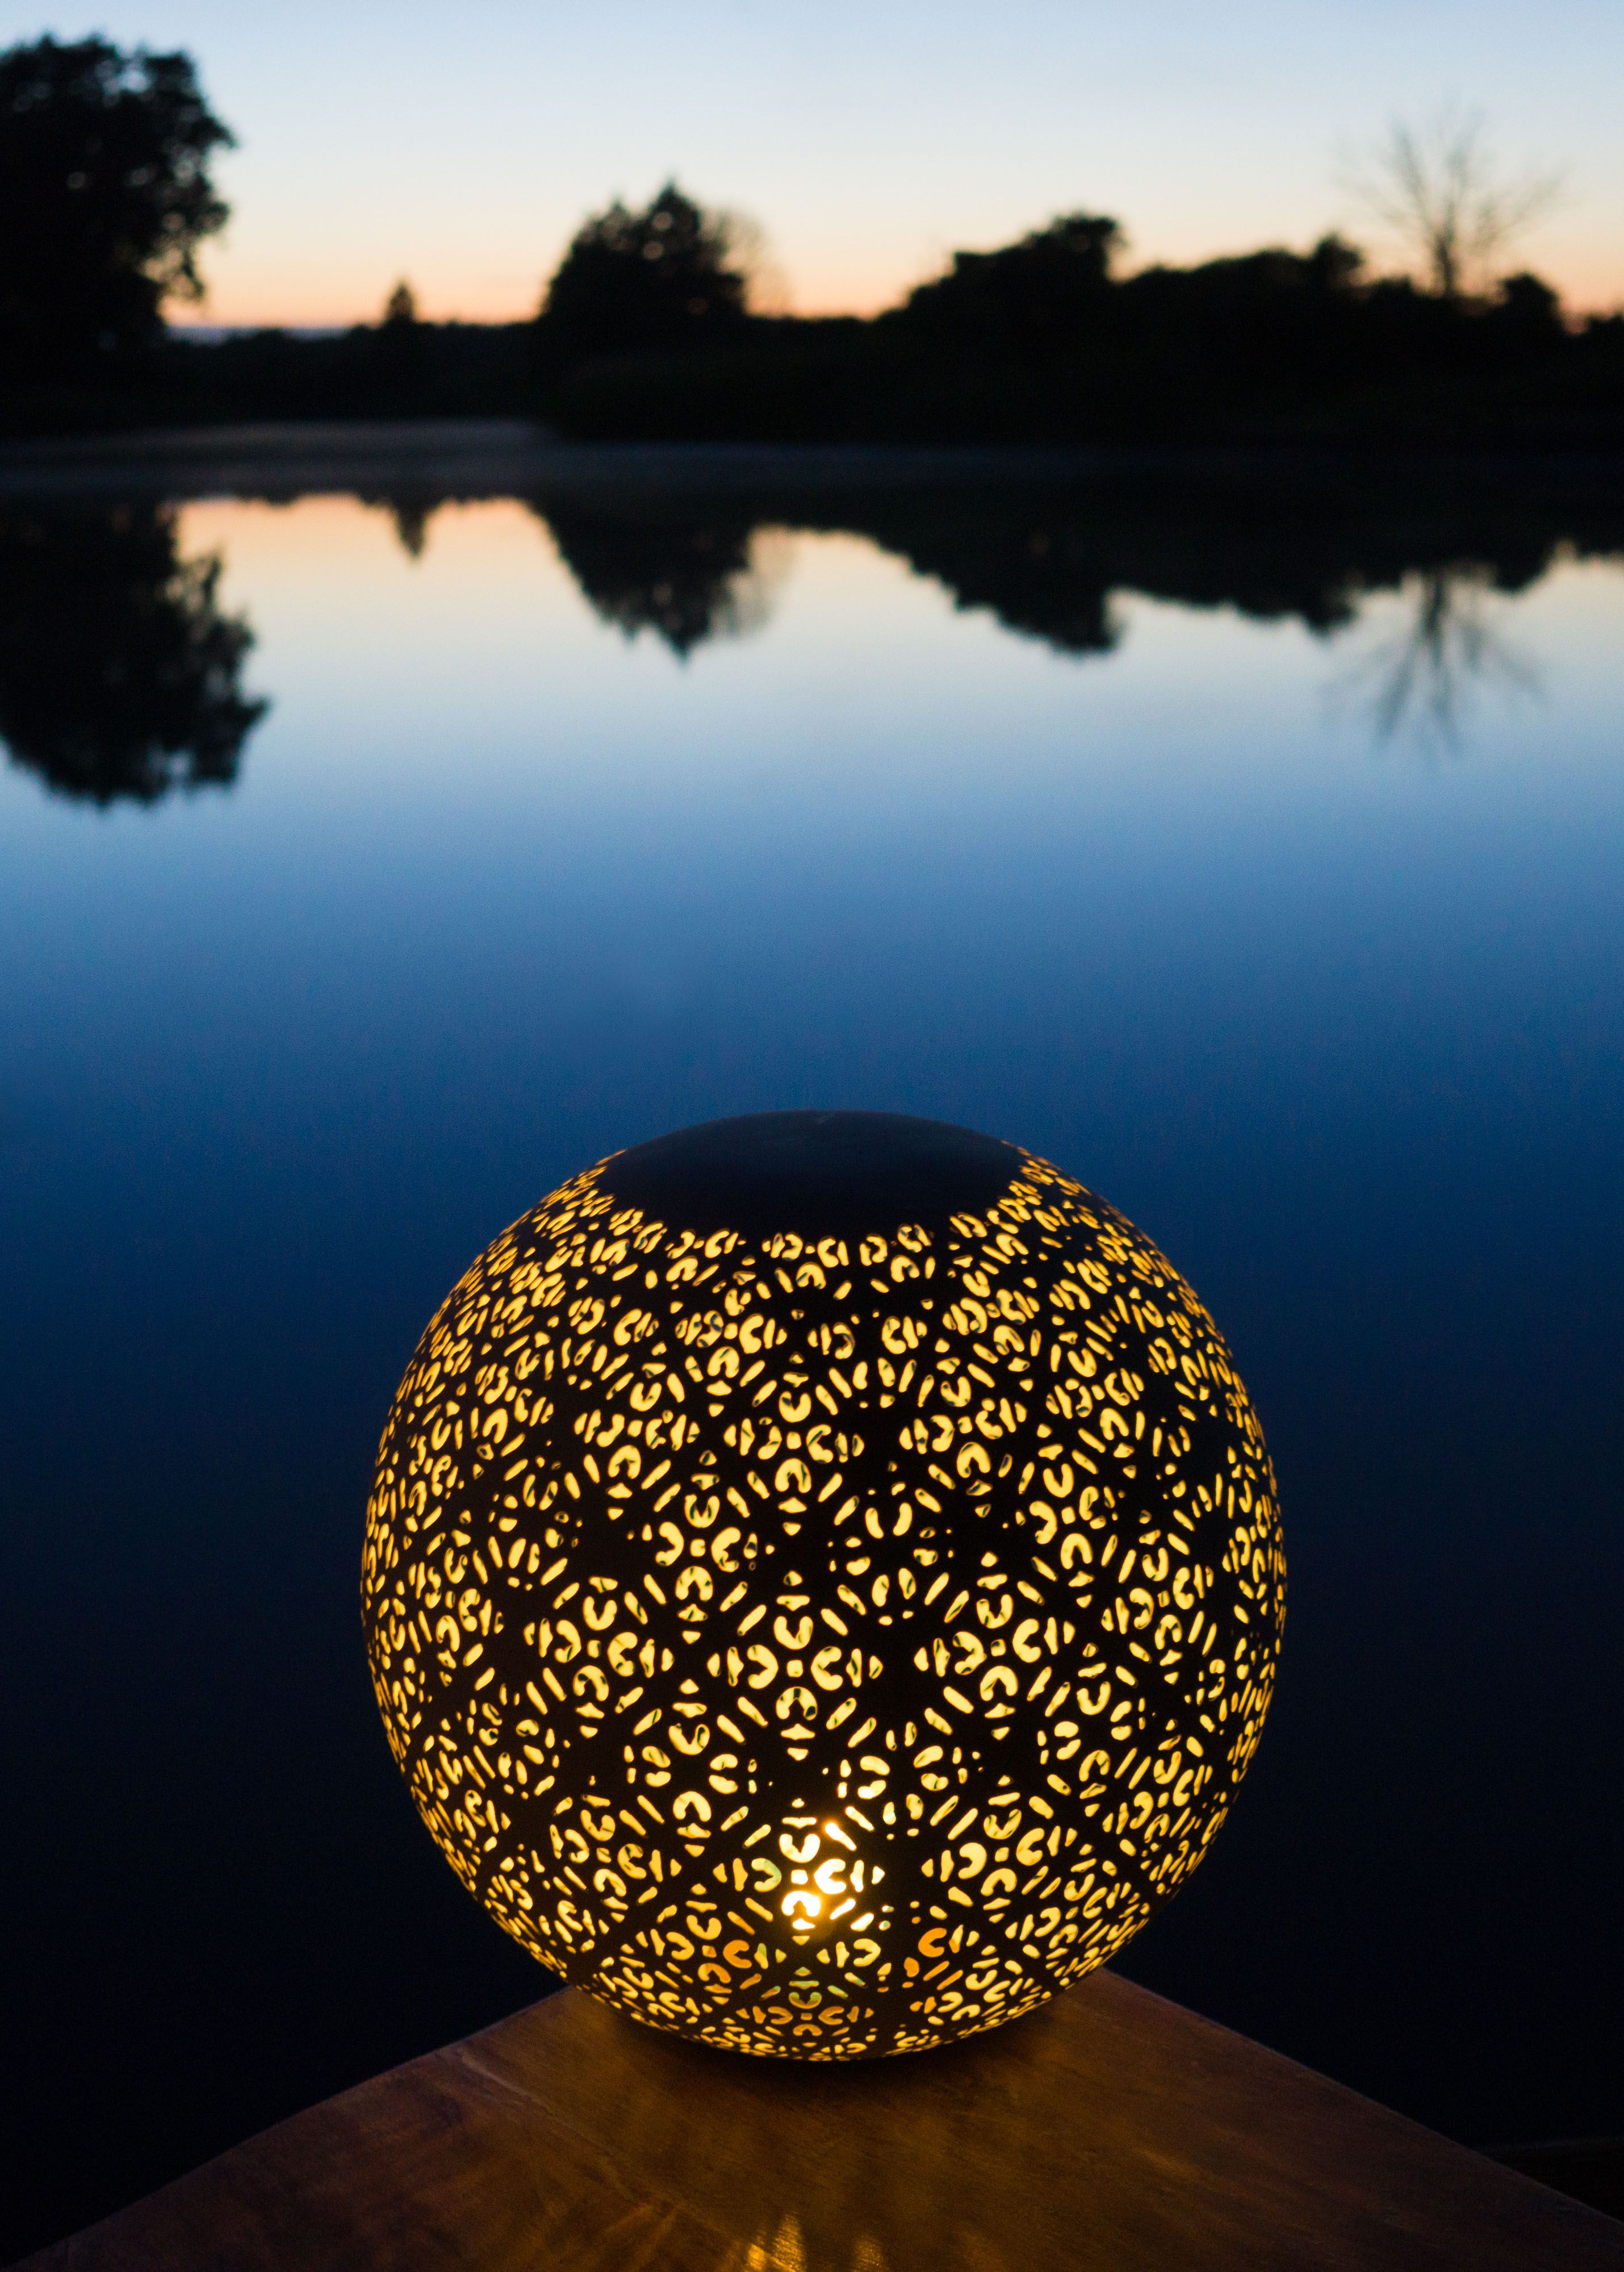 Orientalische Erzeugen Licht Auch Lampen Draussen Wundervolles PwiOkXZuTl